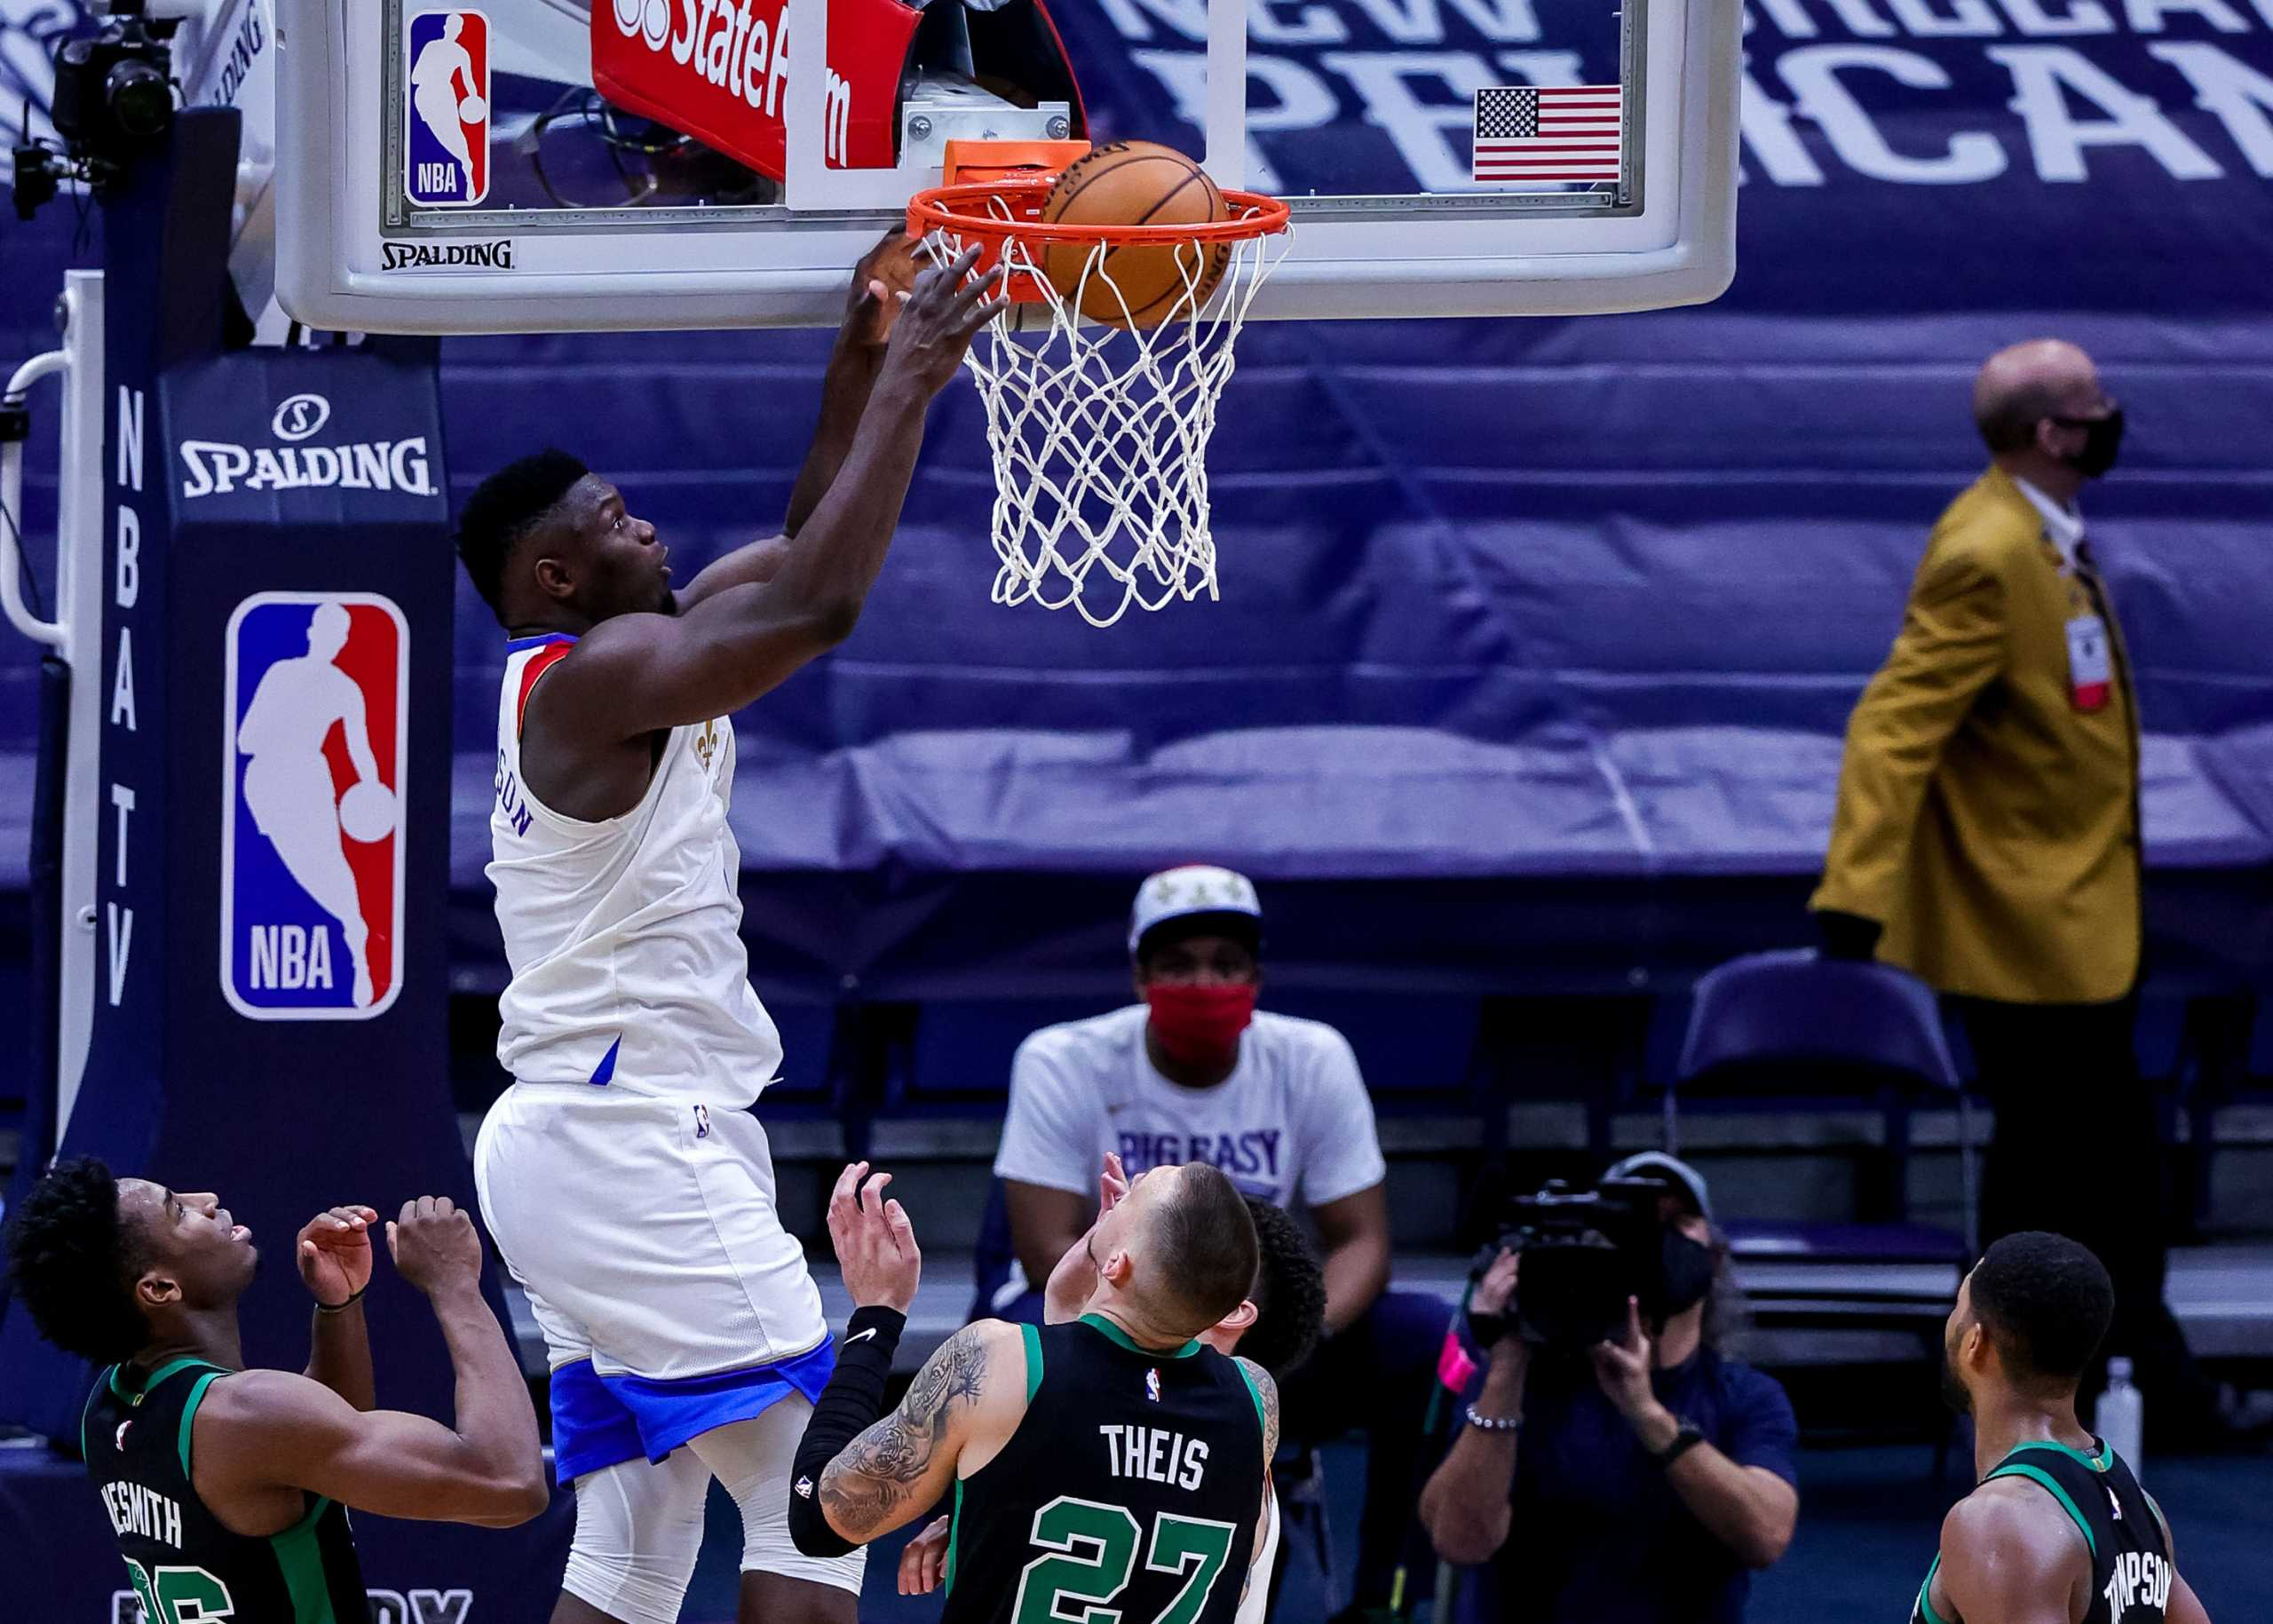 Χαμός στο NBA με τον Ζάιον Γουίλιαμσον και τους Νιου Ορλίνς Πέλικανς